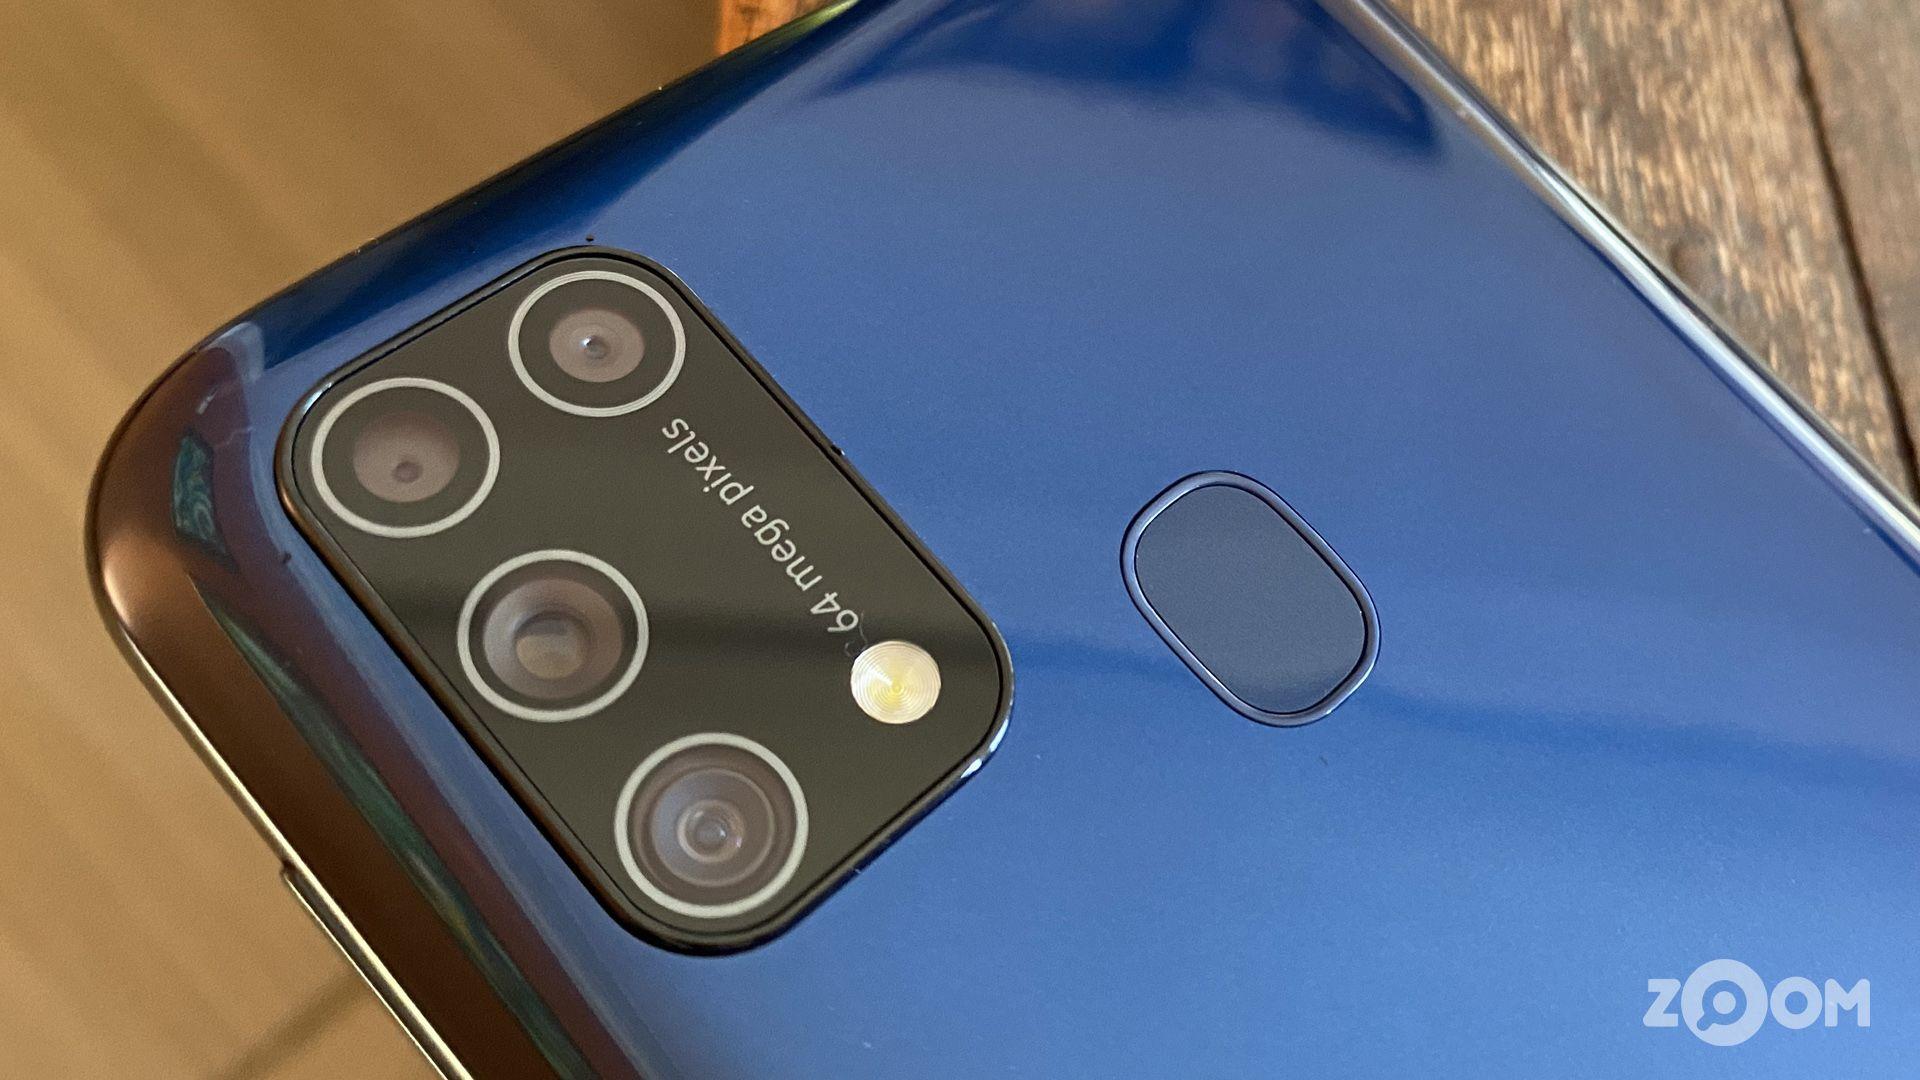 Câmera quádrupla do Galaxy M31 tem sensor principal de 64 MP. (Imagem: Ana Marques/Zoom)